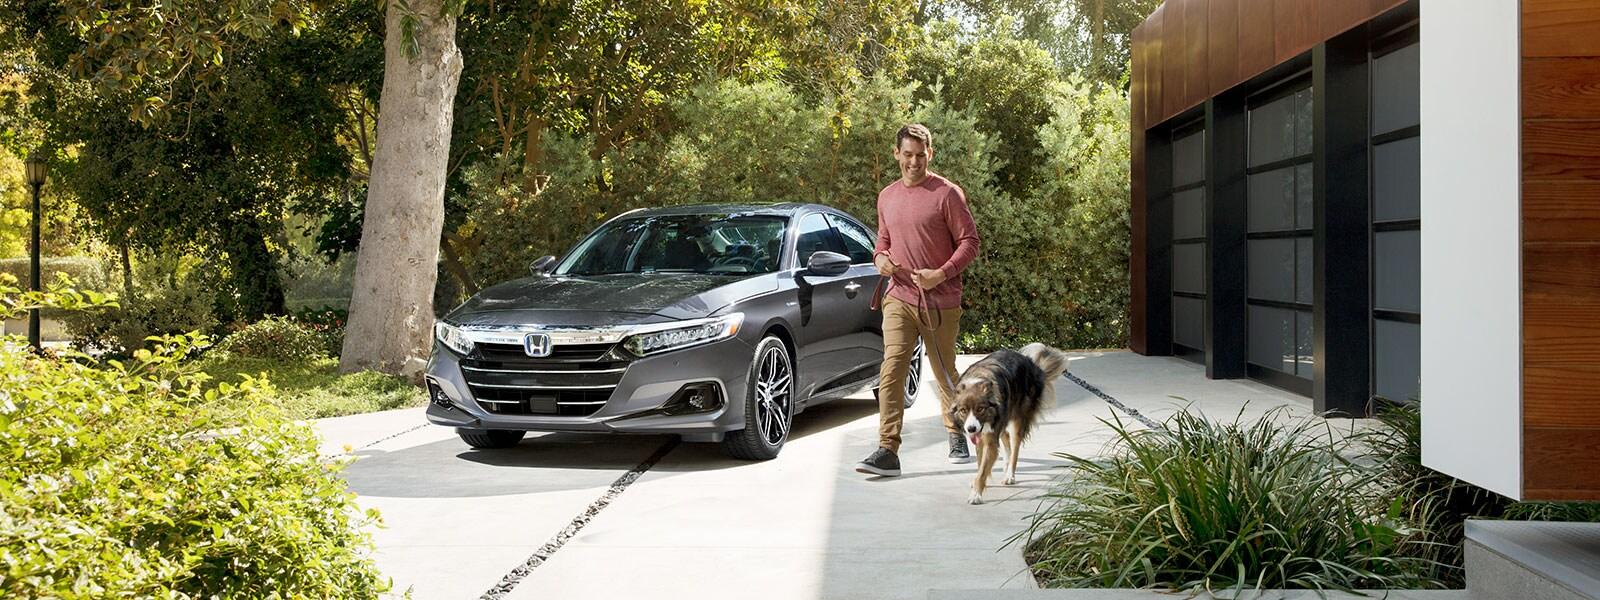 https://images.dealer.com/graphics/2021/Honda/v11_1600x600/Accord-Hybrid-Sedan_02.jpg